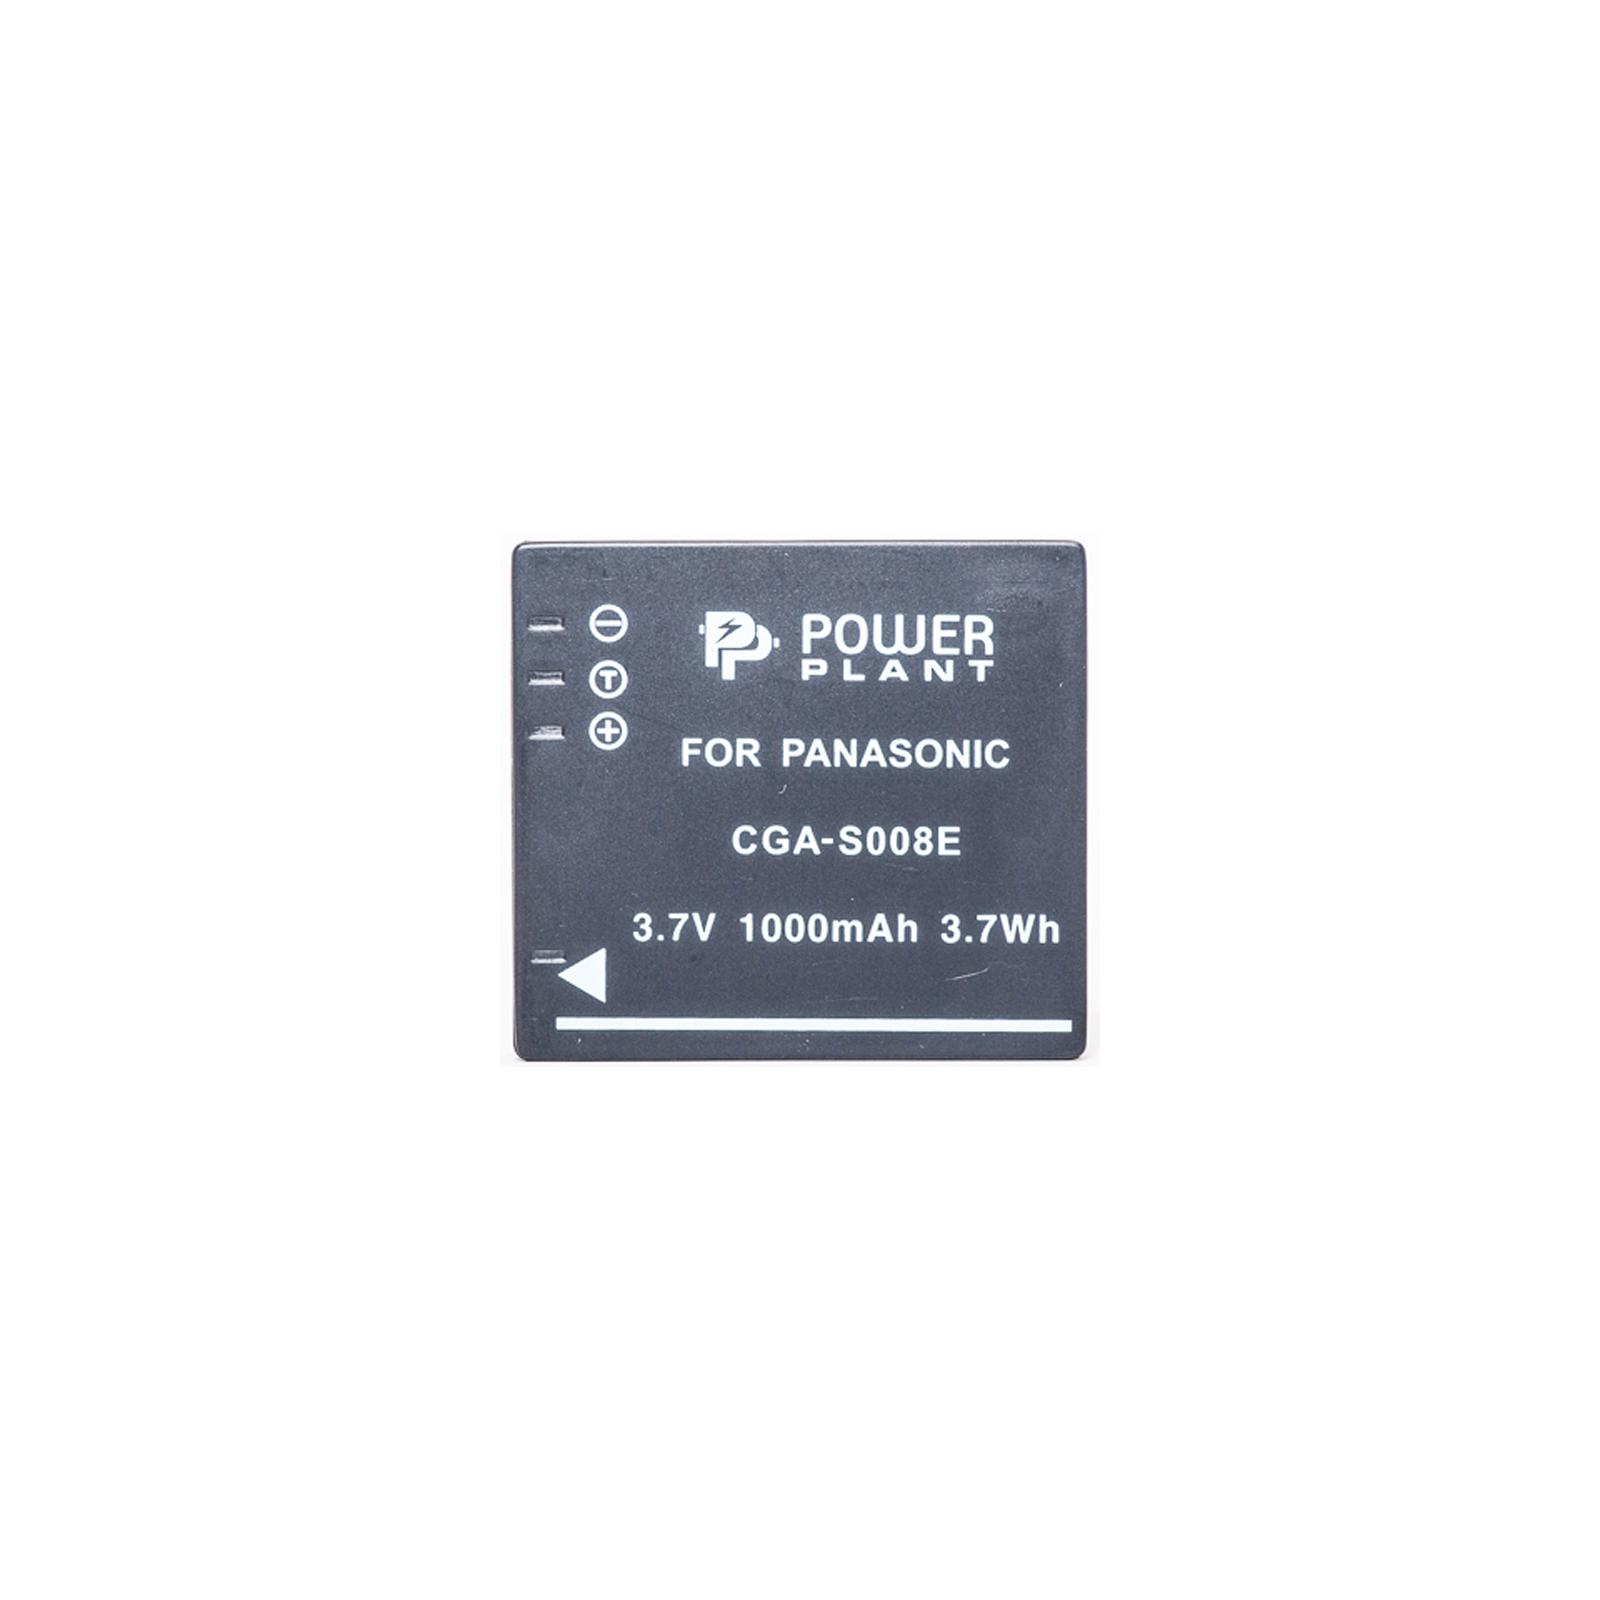 Аккумулятор к фото/видео PowerPlant Panasonic CGA-S008, DB-70, DMW-BCE10 (DV00DV1216) изображение 2